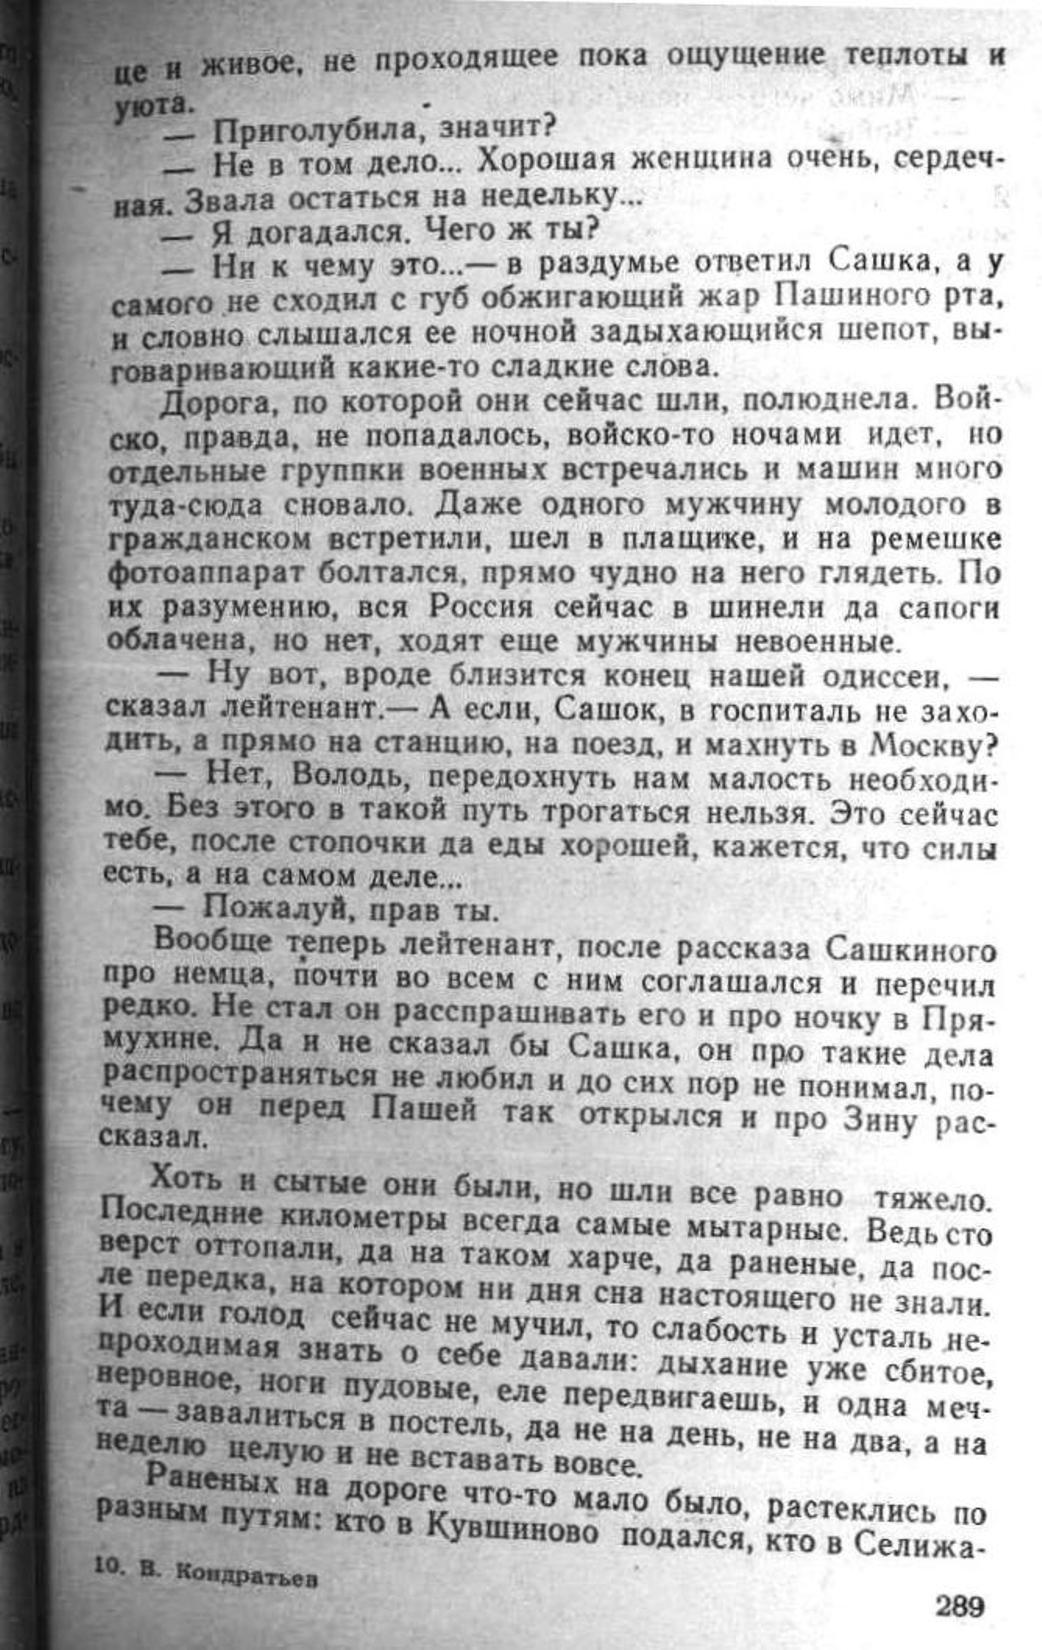 Сашка. Повесть. Вячеслав Кондратьев. 017. 004